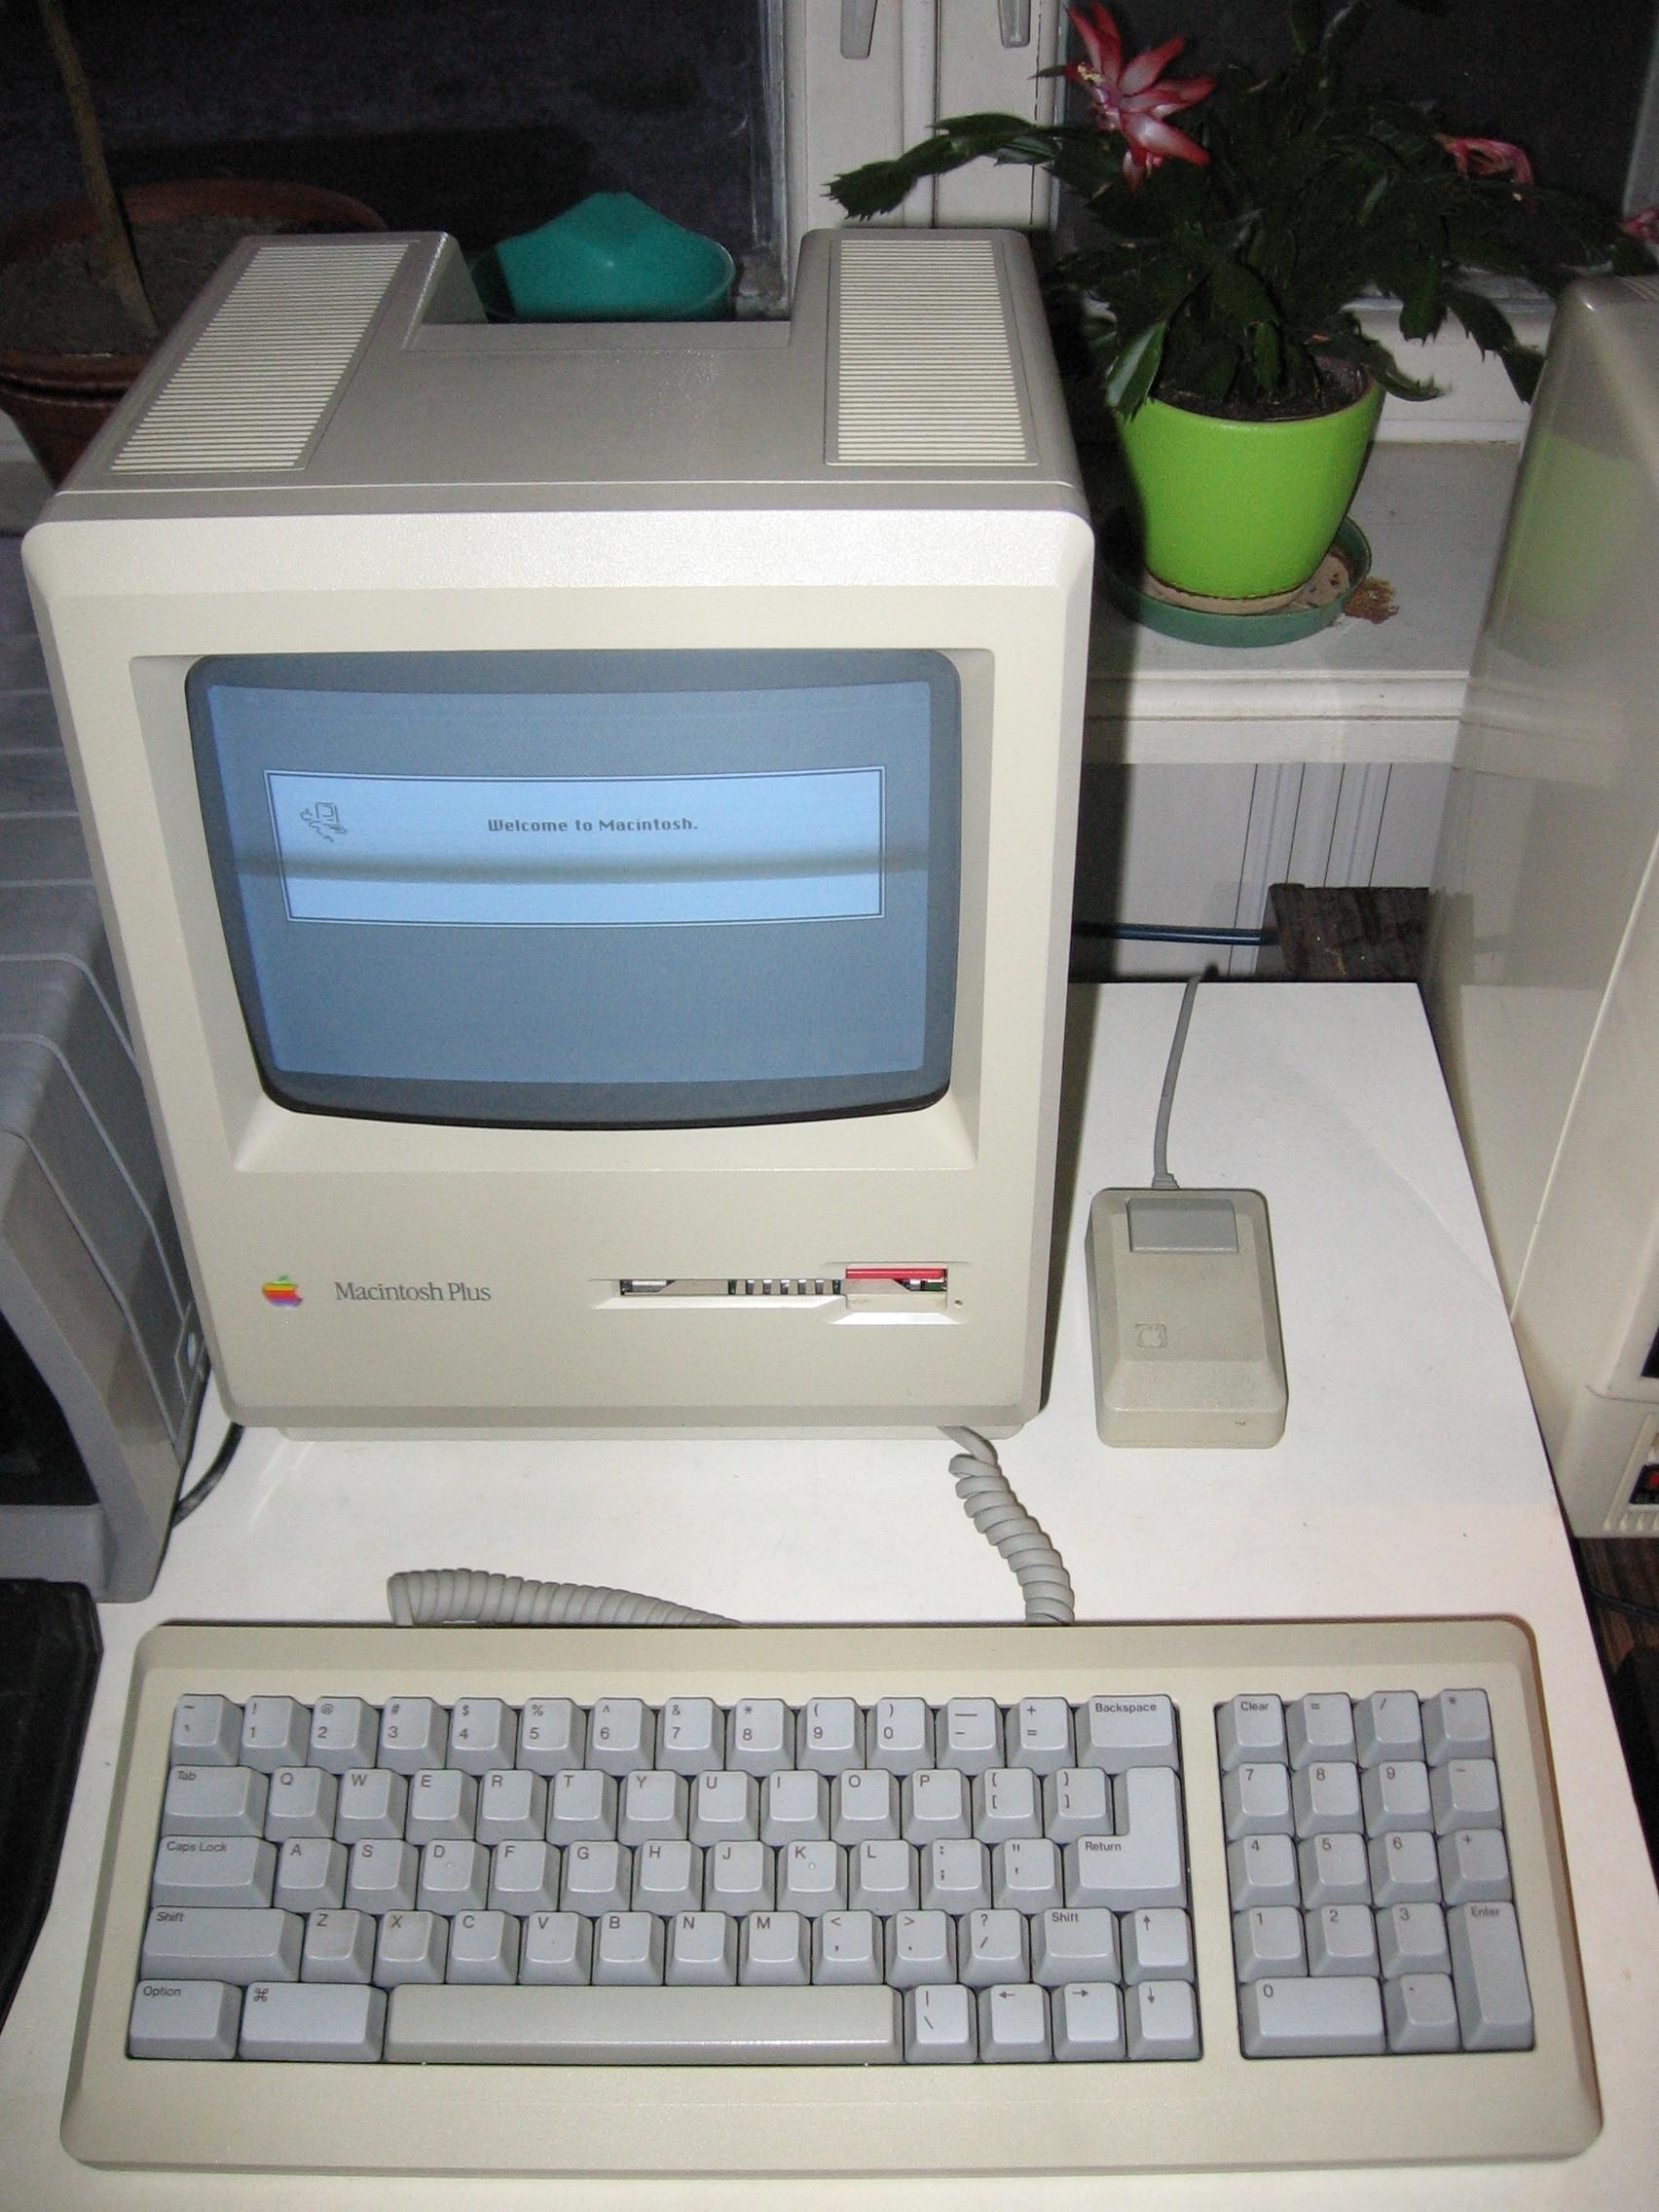 Ещё один обзор частной коллекции раритетной вычислительной техники